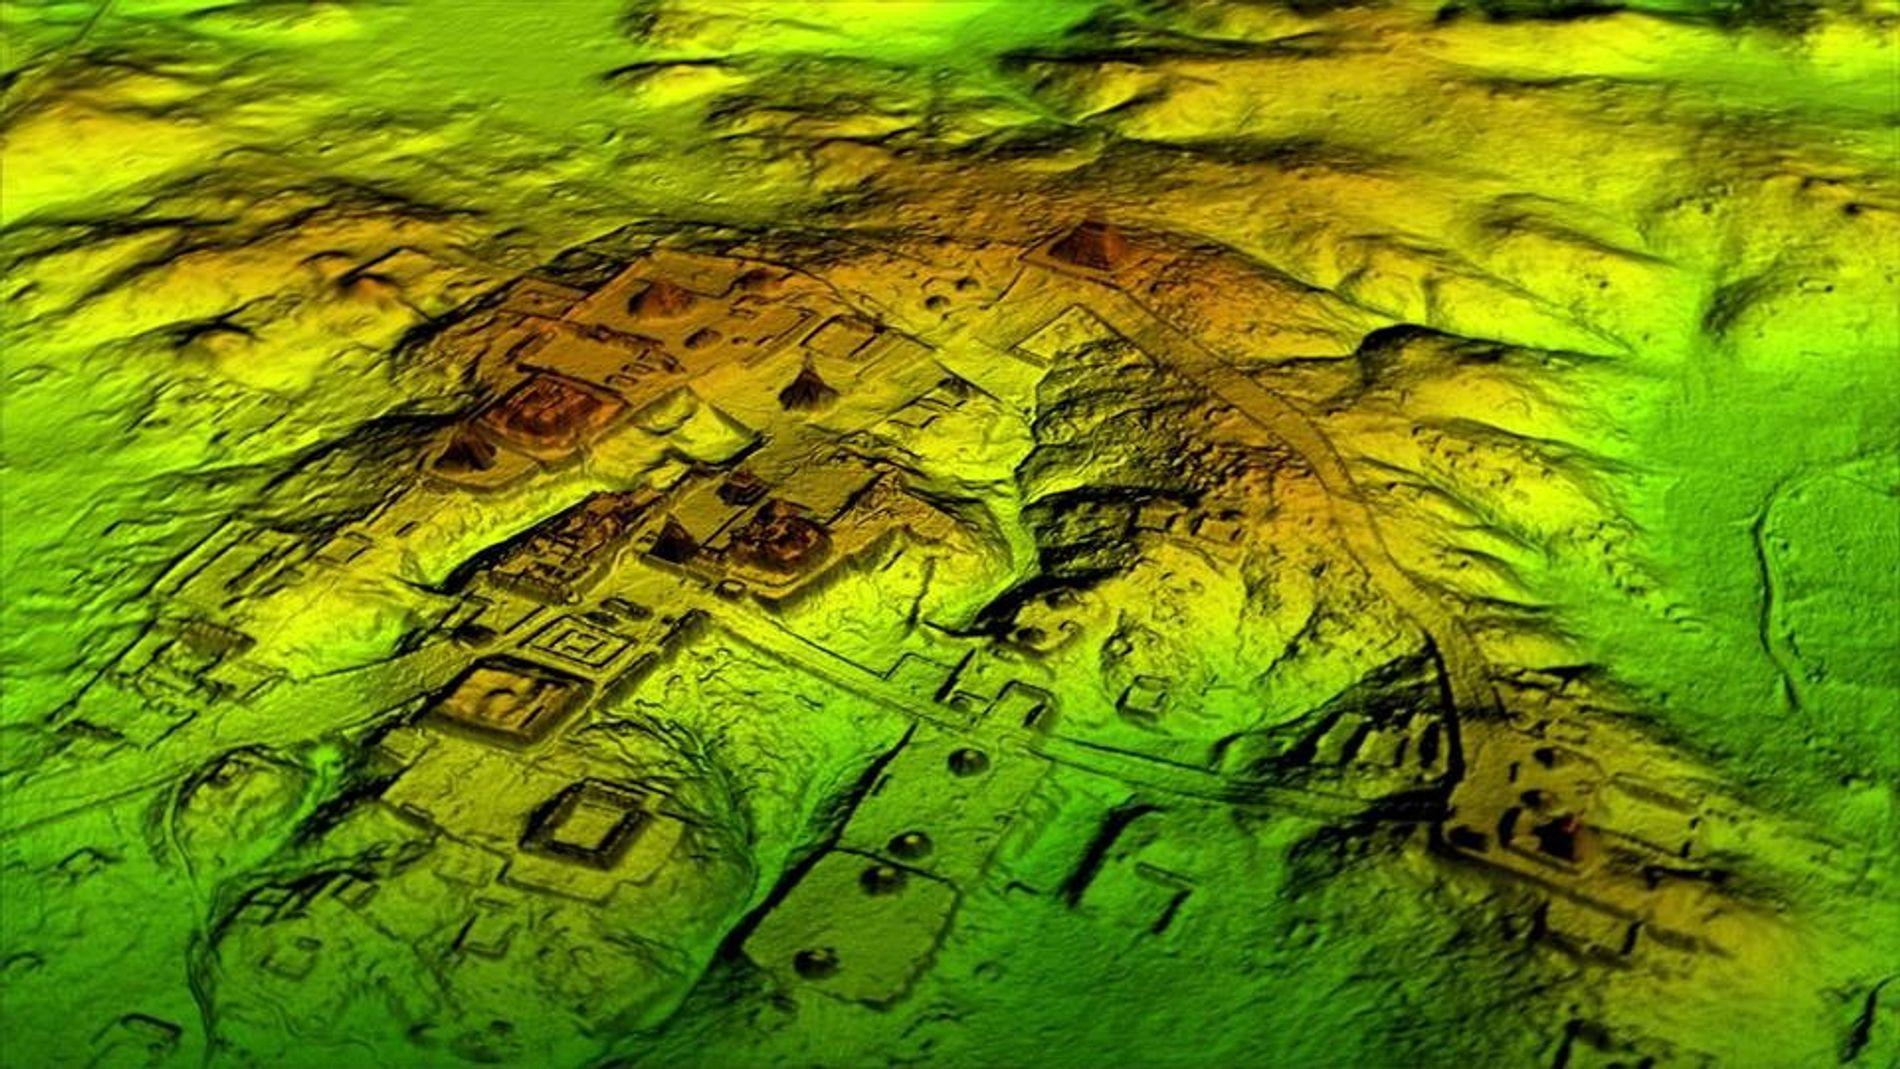 Lidaraufnahmen offenbaren, was sich unter dem Blätterdach des Dschungels verbirgt. So fanden Forscher heraus, dass alte Maya-Städte wie Tikal deutlich größer sind, als man es vom Boden aus erkennen kann.